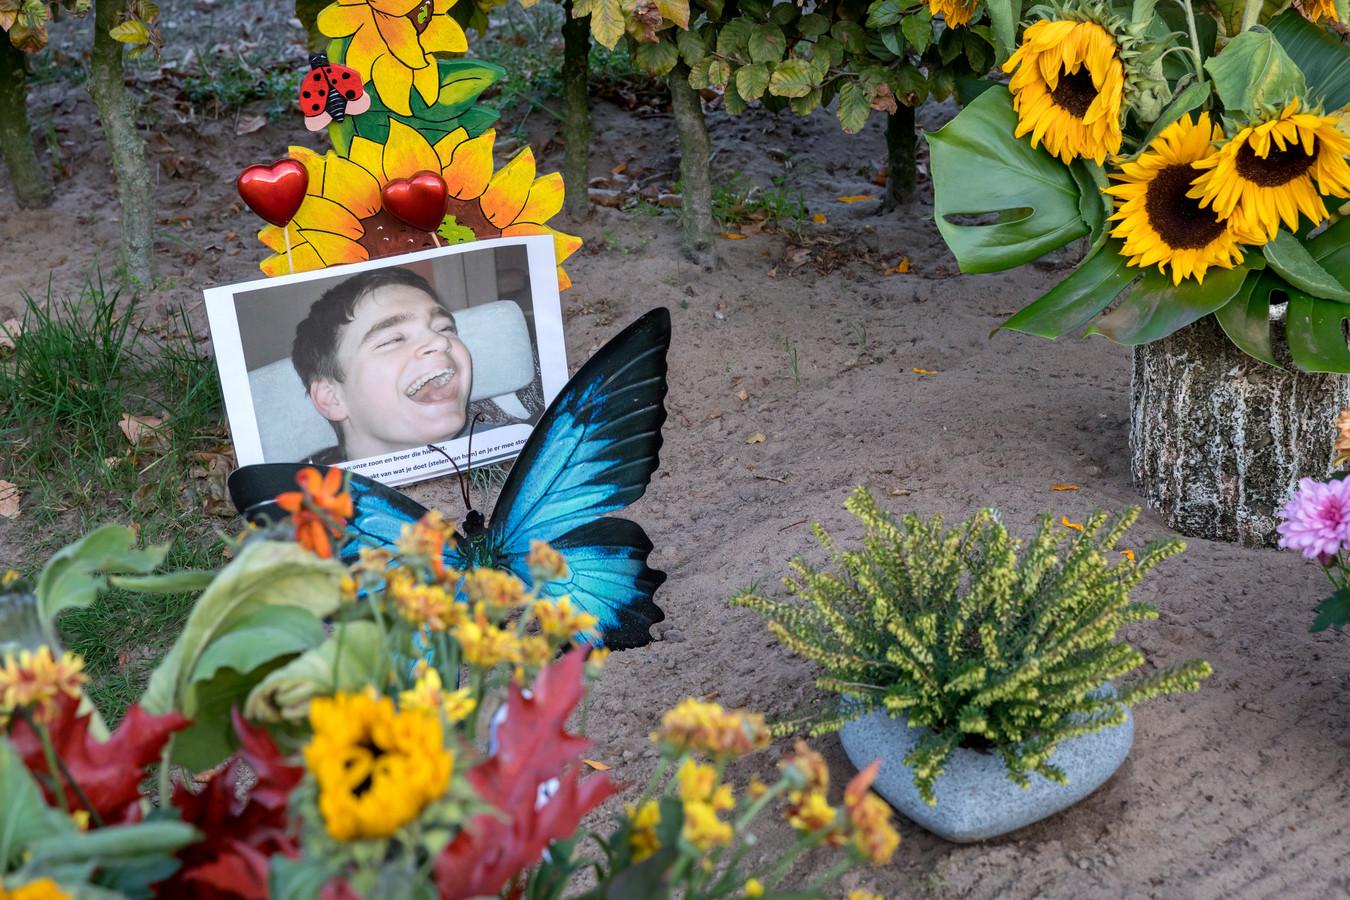 Het graf van Paul van Dongen met een foto en een noodkreet om een einde te maken aan de diefstallen.